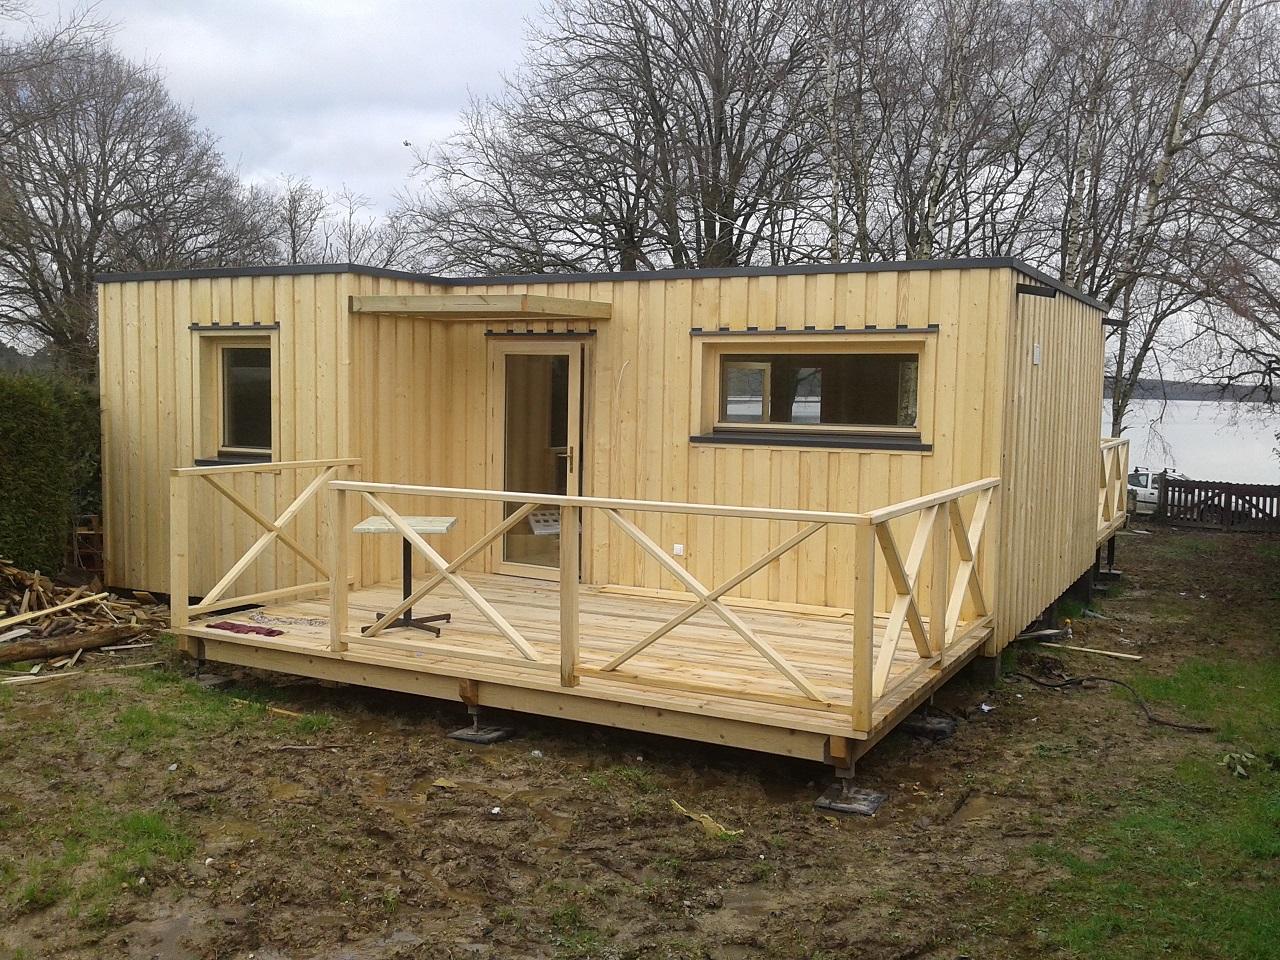 fabricant constructeur de kits chalets 28 images fabricant constructeur de kits chalets bois  # Constructeur Chalet En Bois Habitable